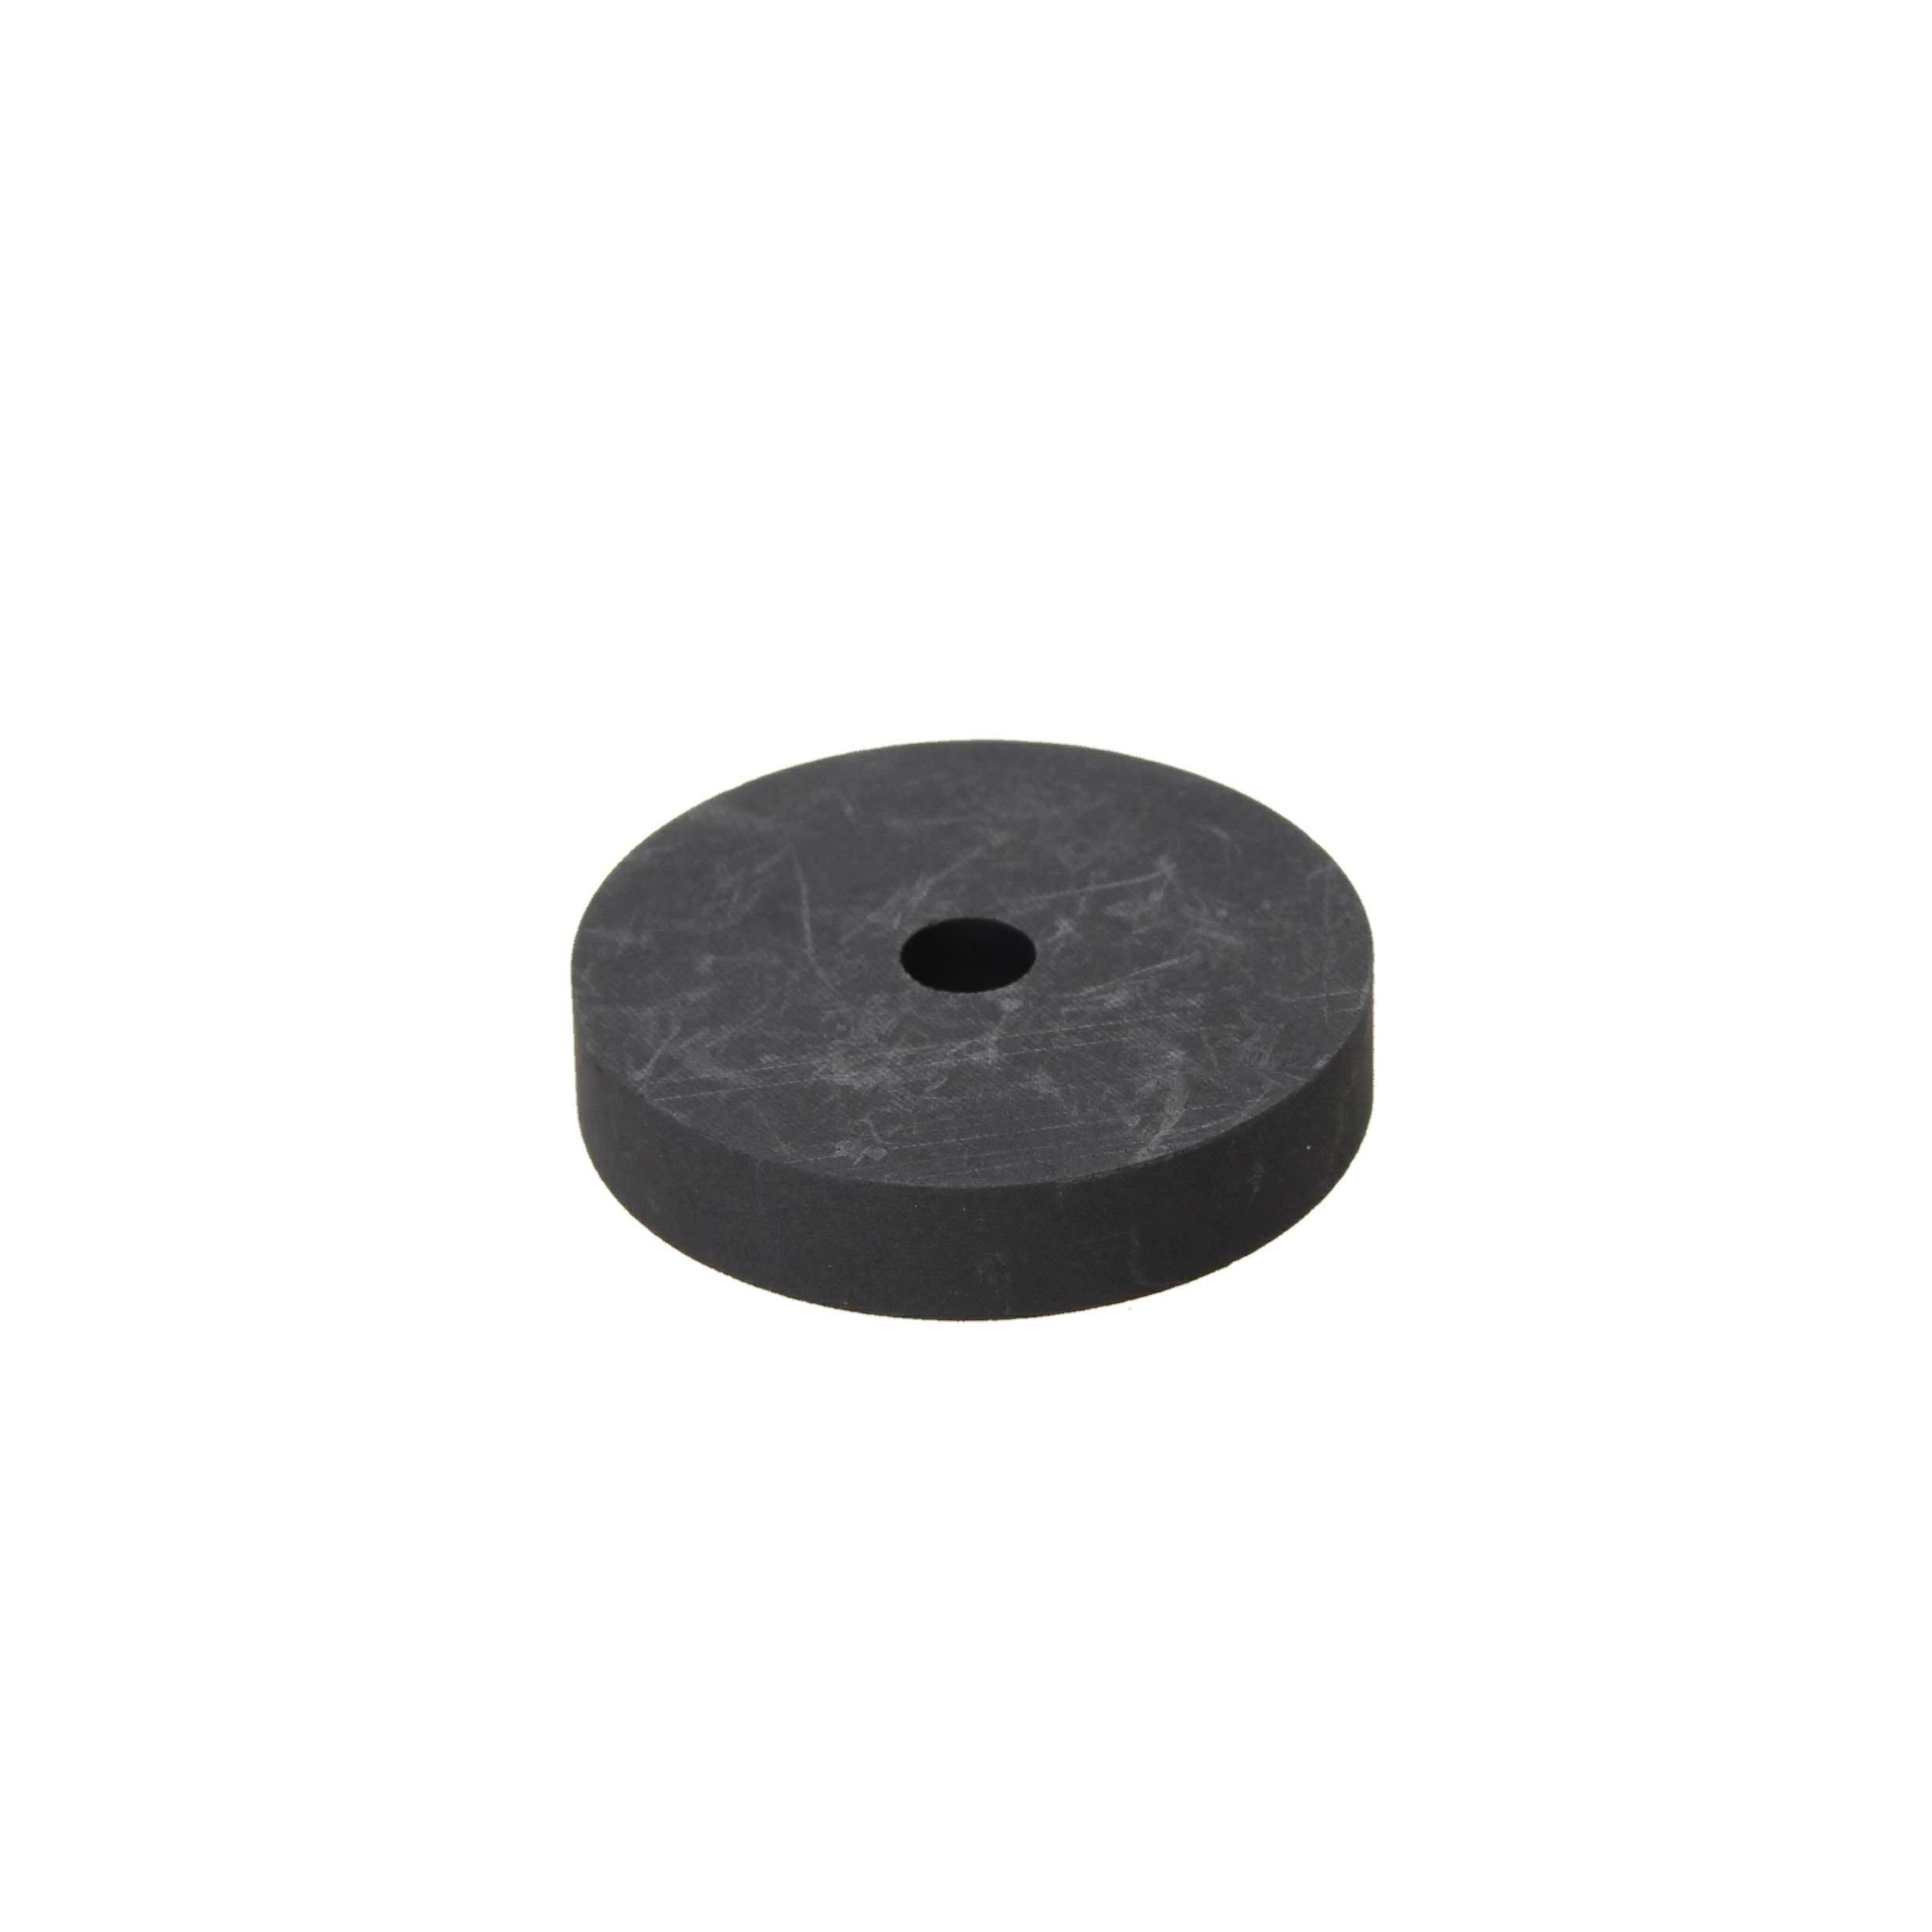 Шайба графитовая D=30mm, H=6mm, d=5mm 10600021